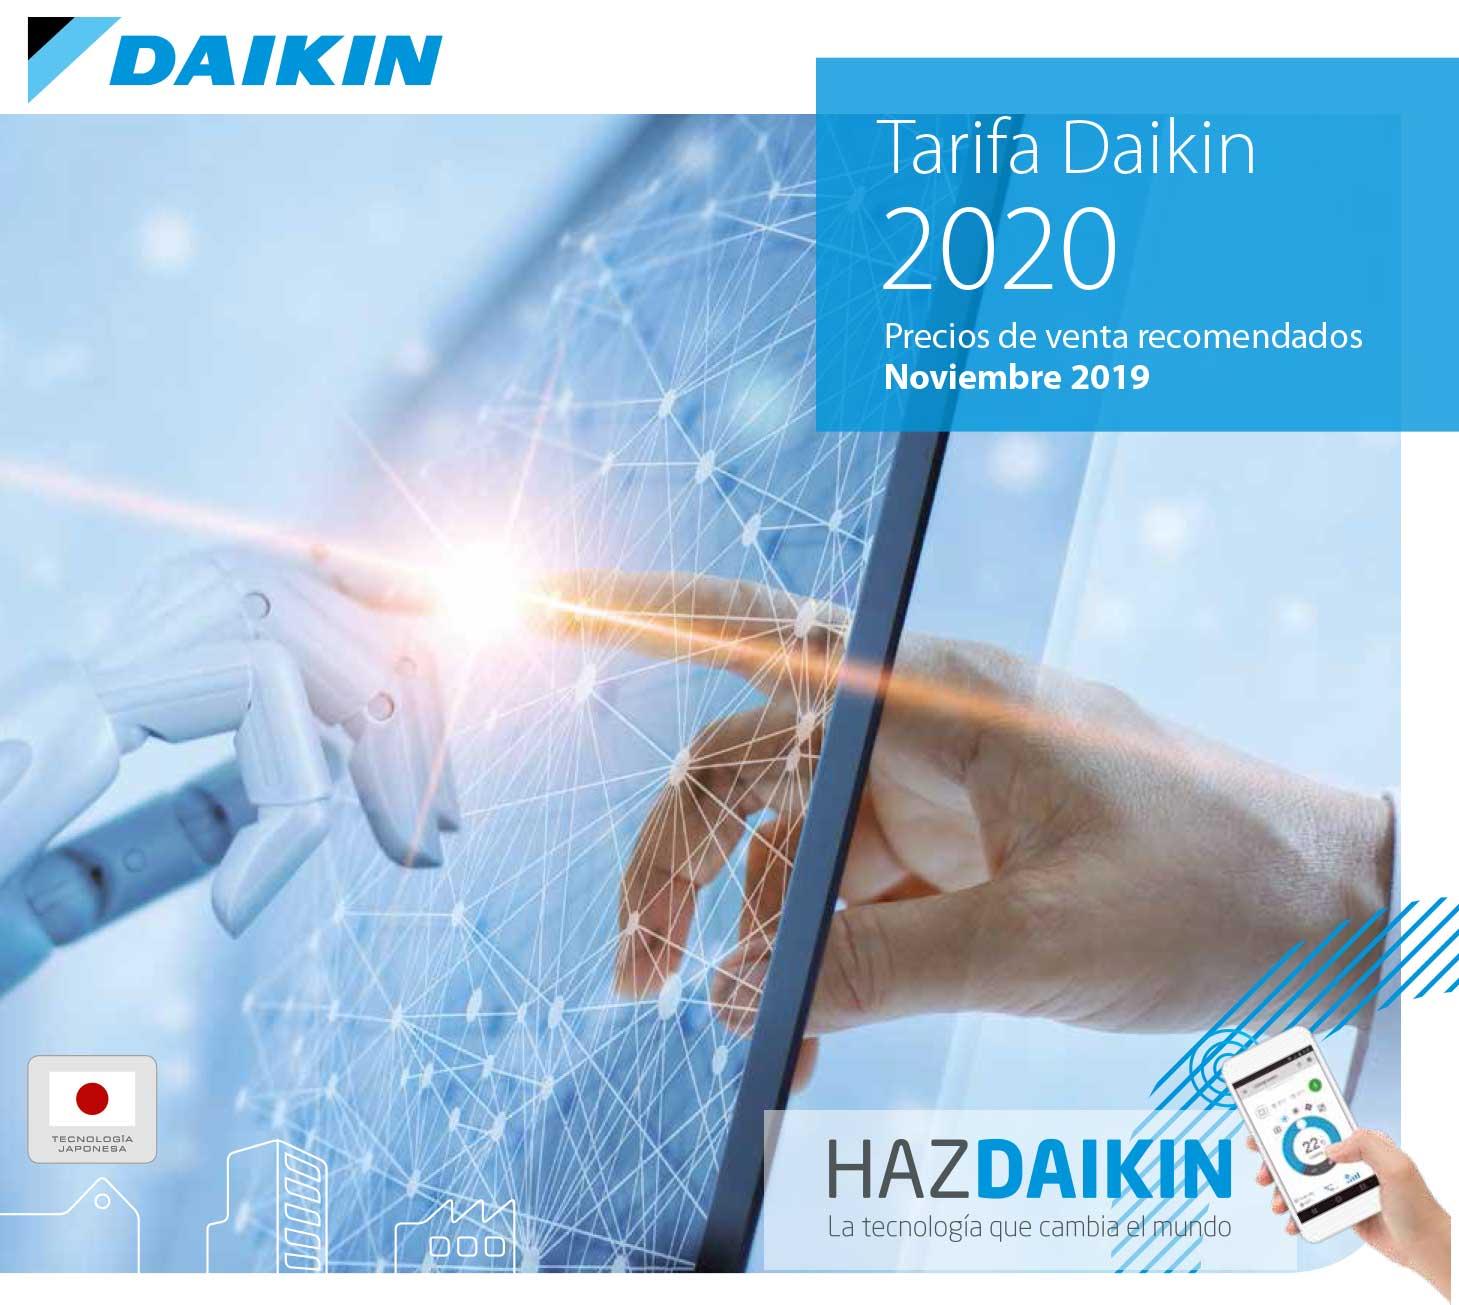 Avance Tarifa Daikin 2020